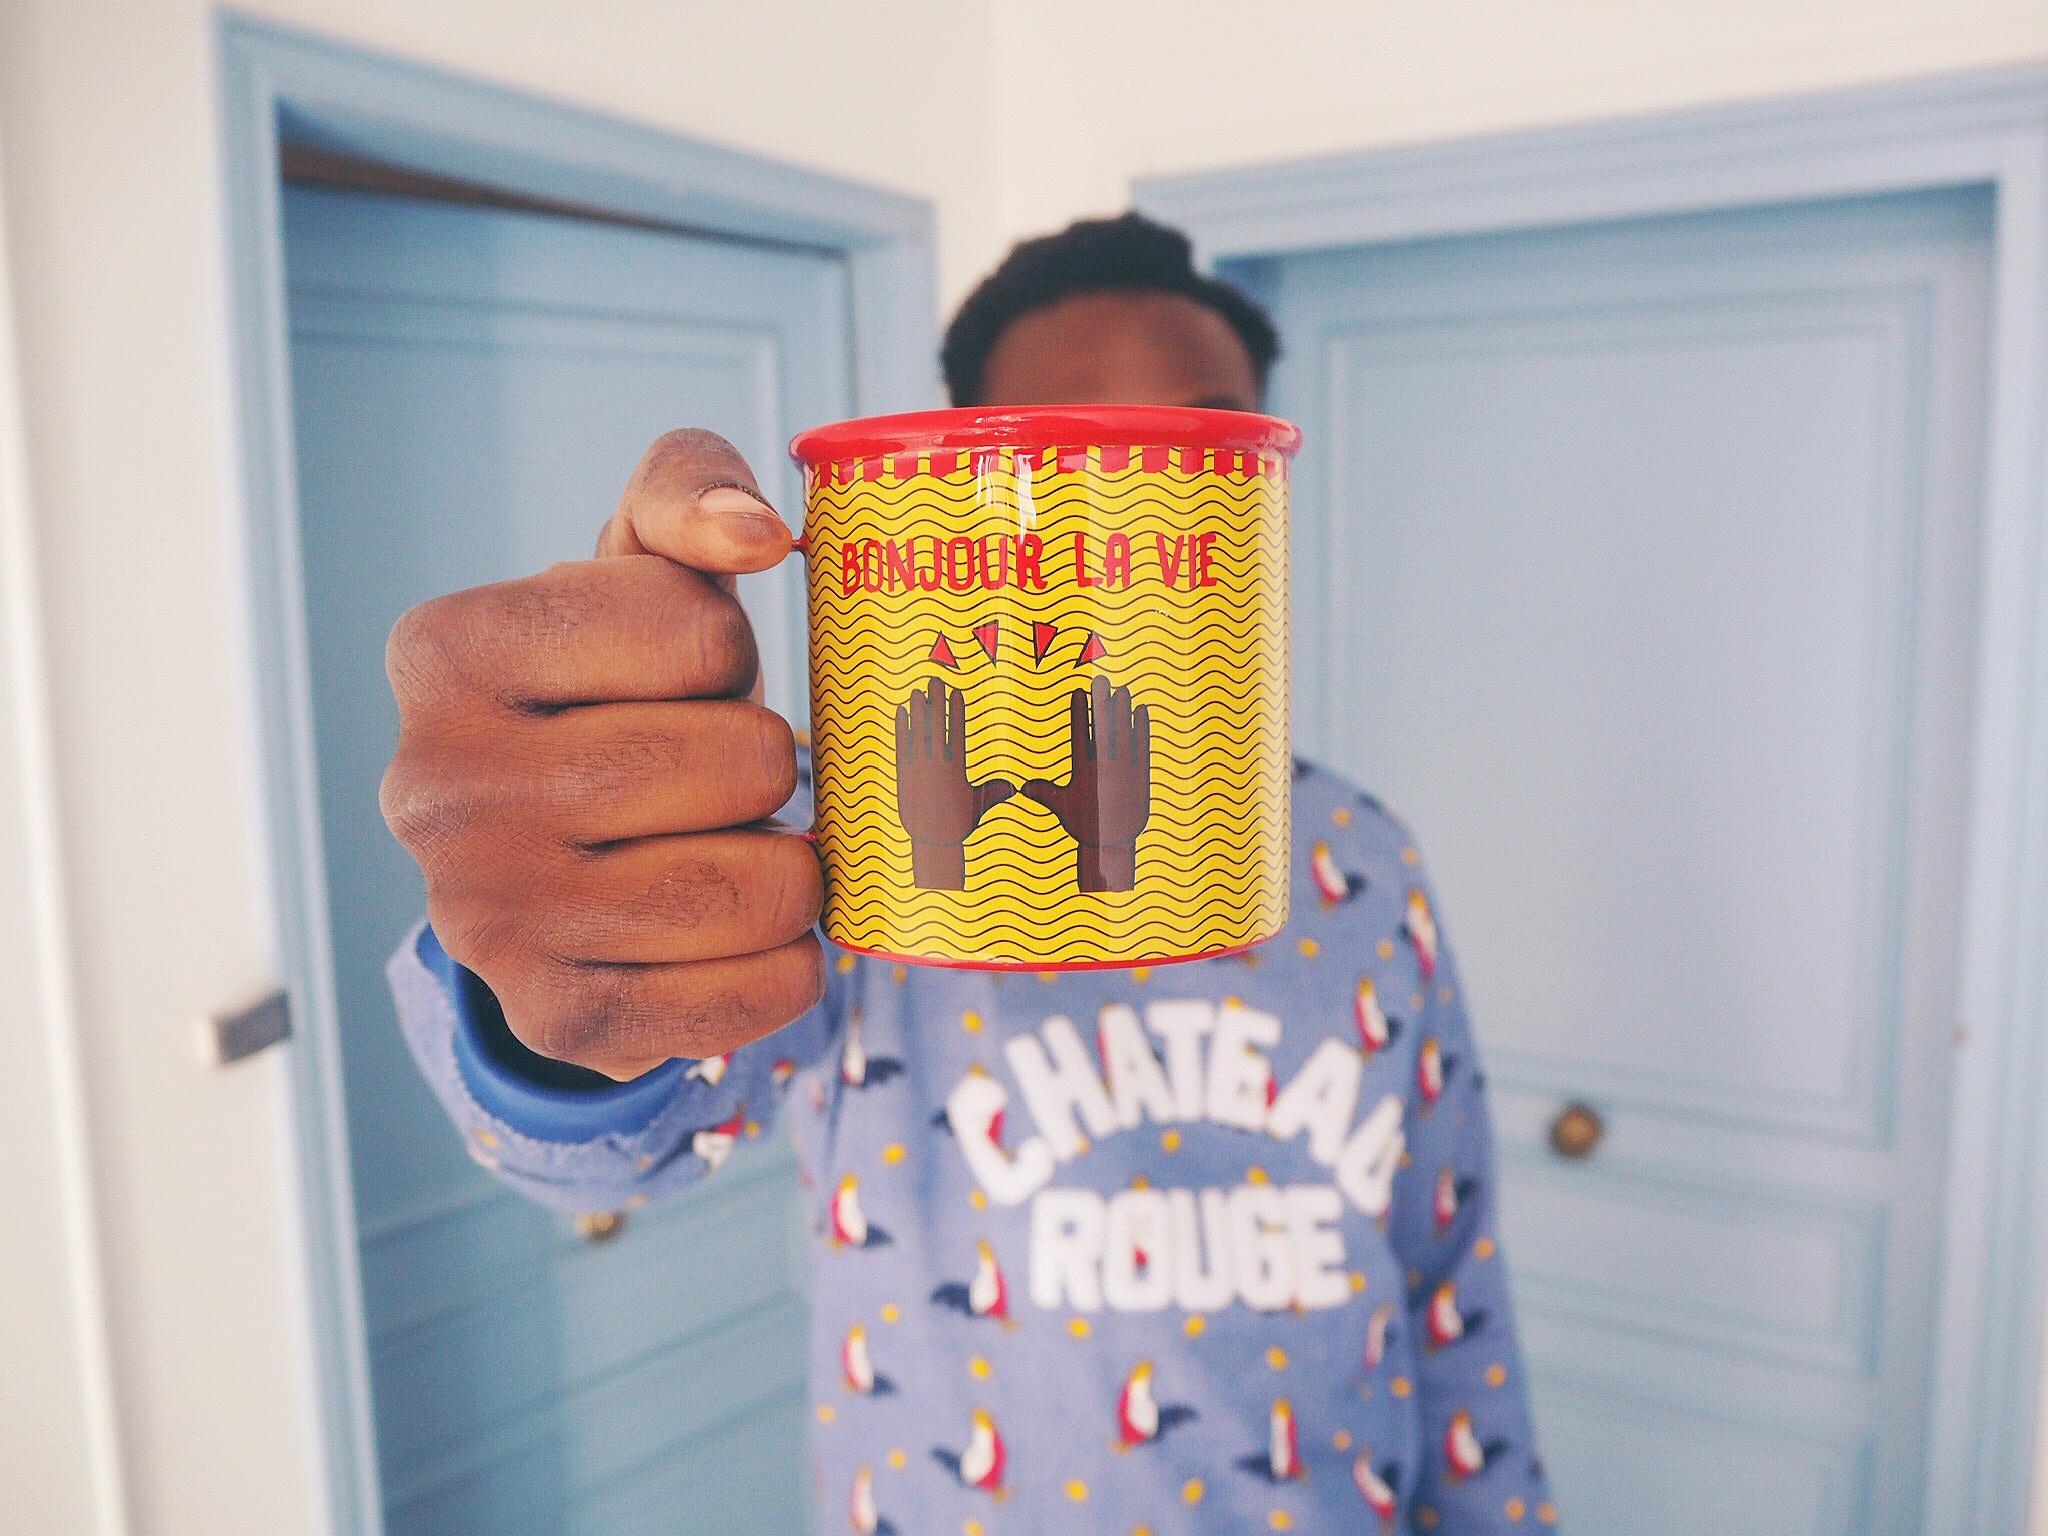 Maison-Chateau-Rouge-Monoprix-style-sur-la-ville-vetement-mode-homme-2